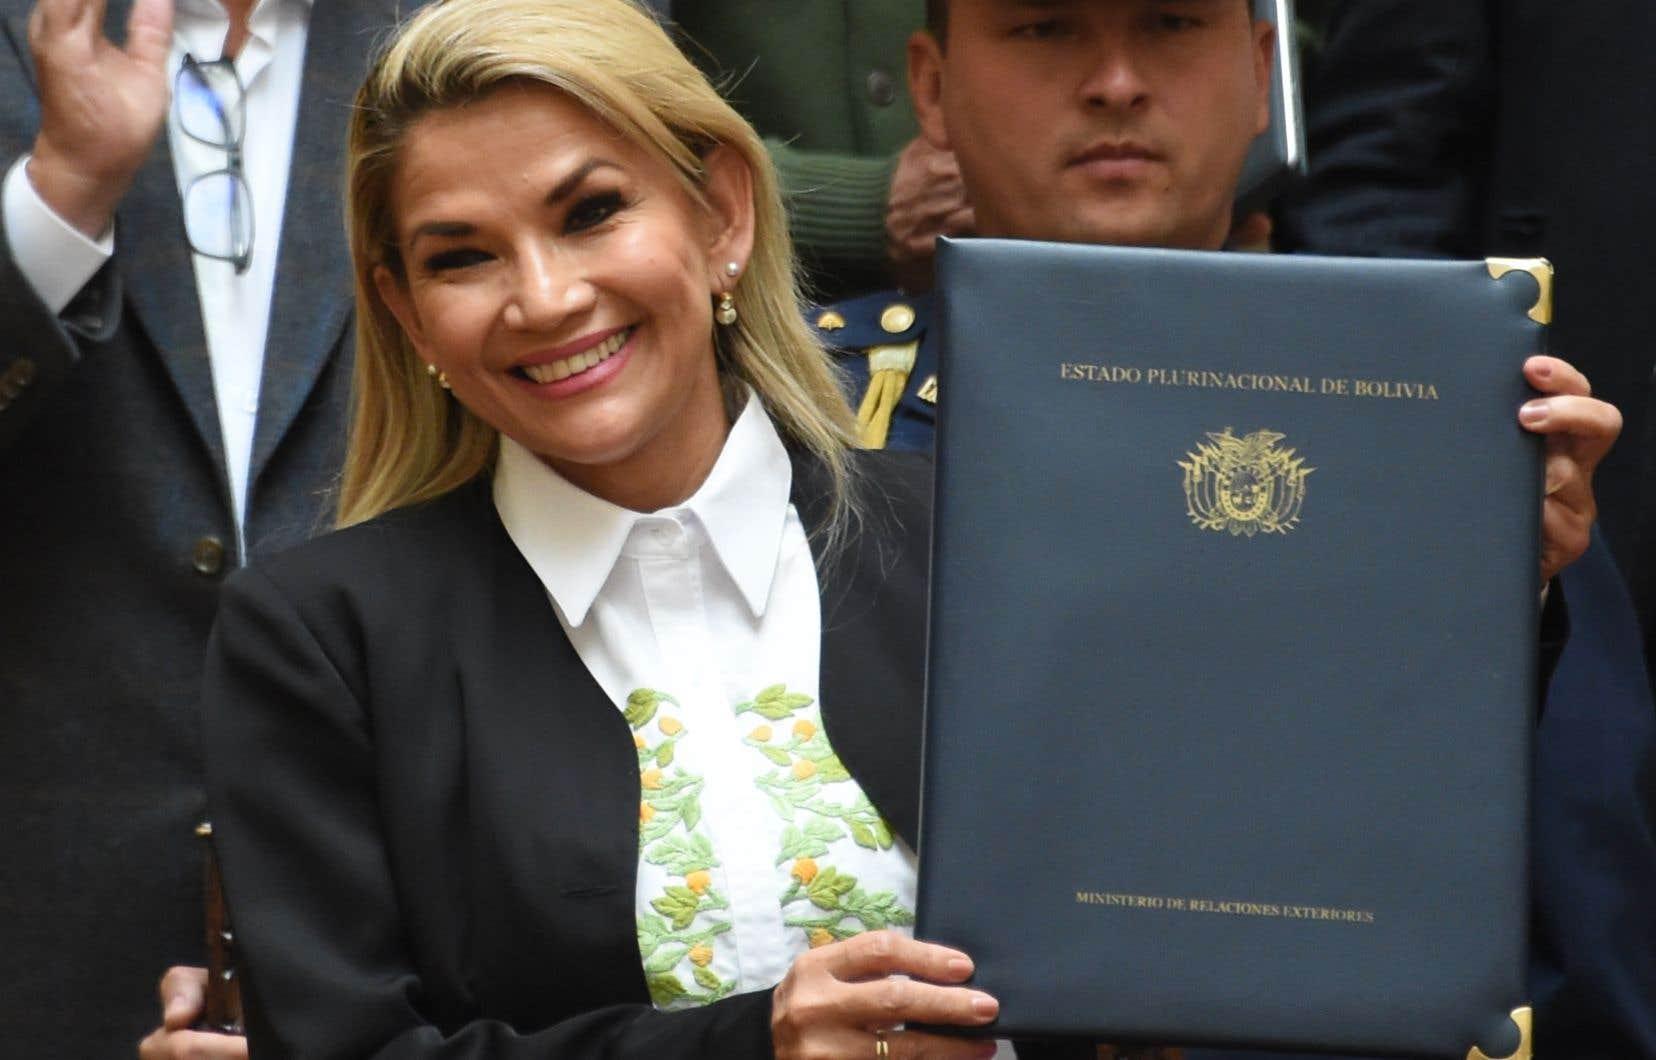 La présidente par intérim de la Bolivie,Jeanine Añez,a promulgué dimanche une loi convoquant de nouvelles élections présidentielle et législatives auxquellesEvo Moralesne pourra pas se représenter.